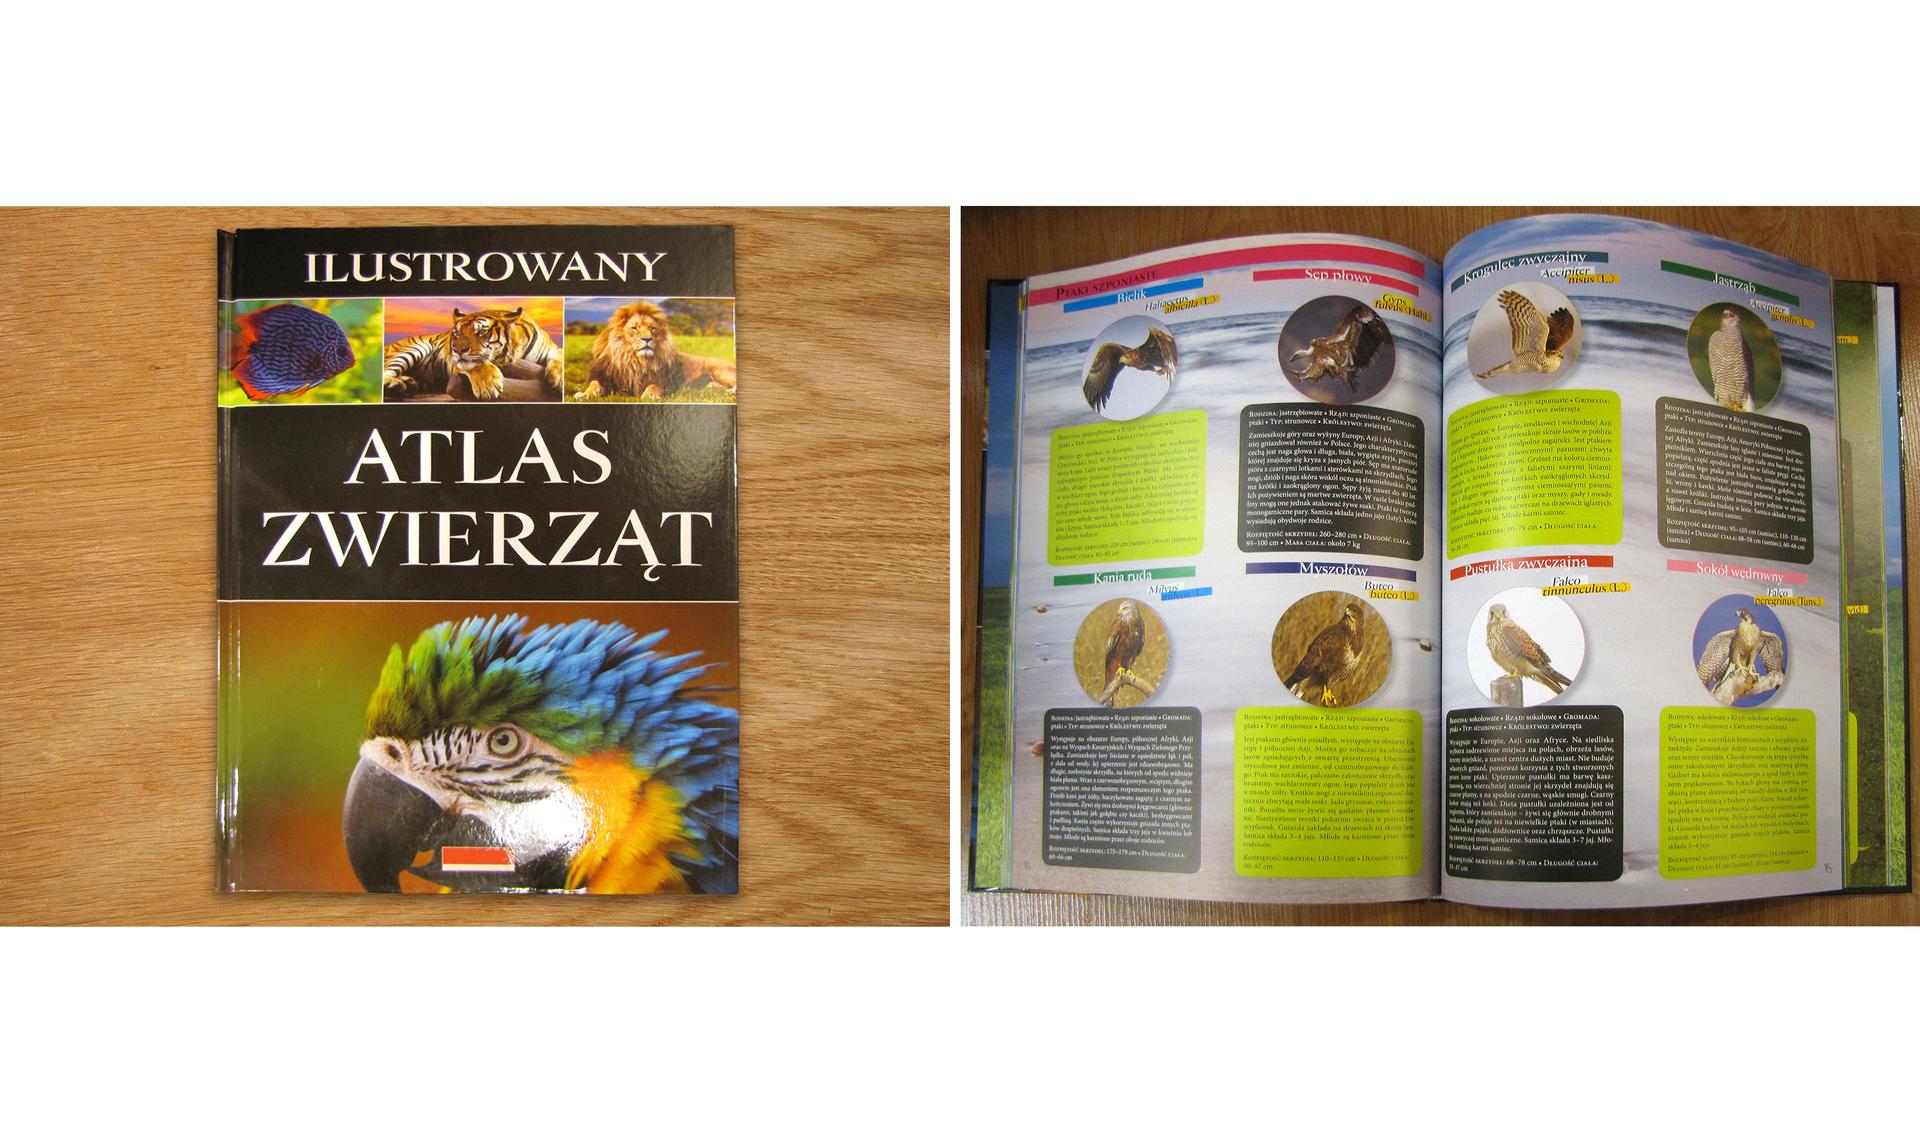 """Dwie fotografie przedstawiające atlas zwierząt. Na pierwszej fotografii książka jest zamknięta. Na okładce widnieje tytuł książki """"Ilustrowany atlas zwierząt"""". Na dole okładki zamieszczono zdjęcie głowy kolorowej papugi, ana górze okładki trzy zdjęcia przedstawiające kolejno: niebiesko-czerwoną rybę, tygrysa ilwa. Na drugiej fotografii zaprezentowano wnętrze atlasu. Na kartach książki umieszczono zdjęcia różnych zwierząt oraz opis ich zachowania, sposobu życia, miejsca występowania iinnych cech dla nich charakterystycznych."""